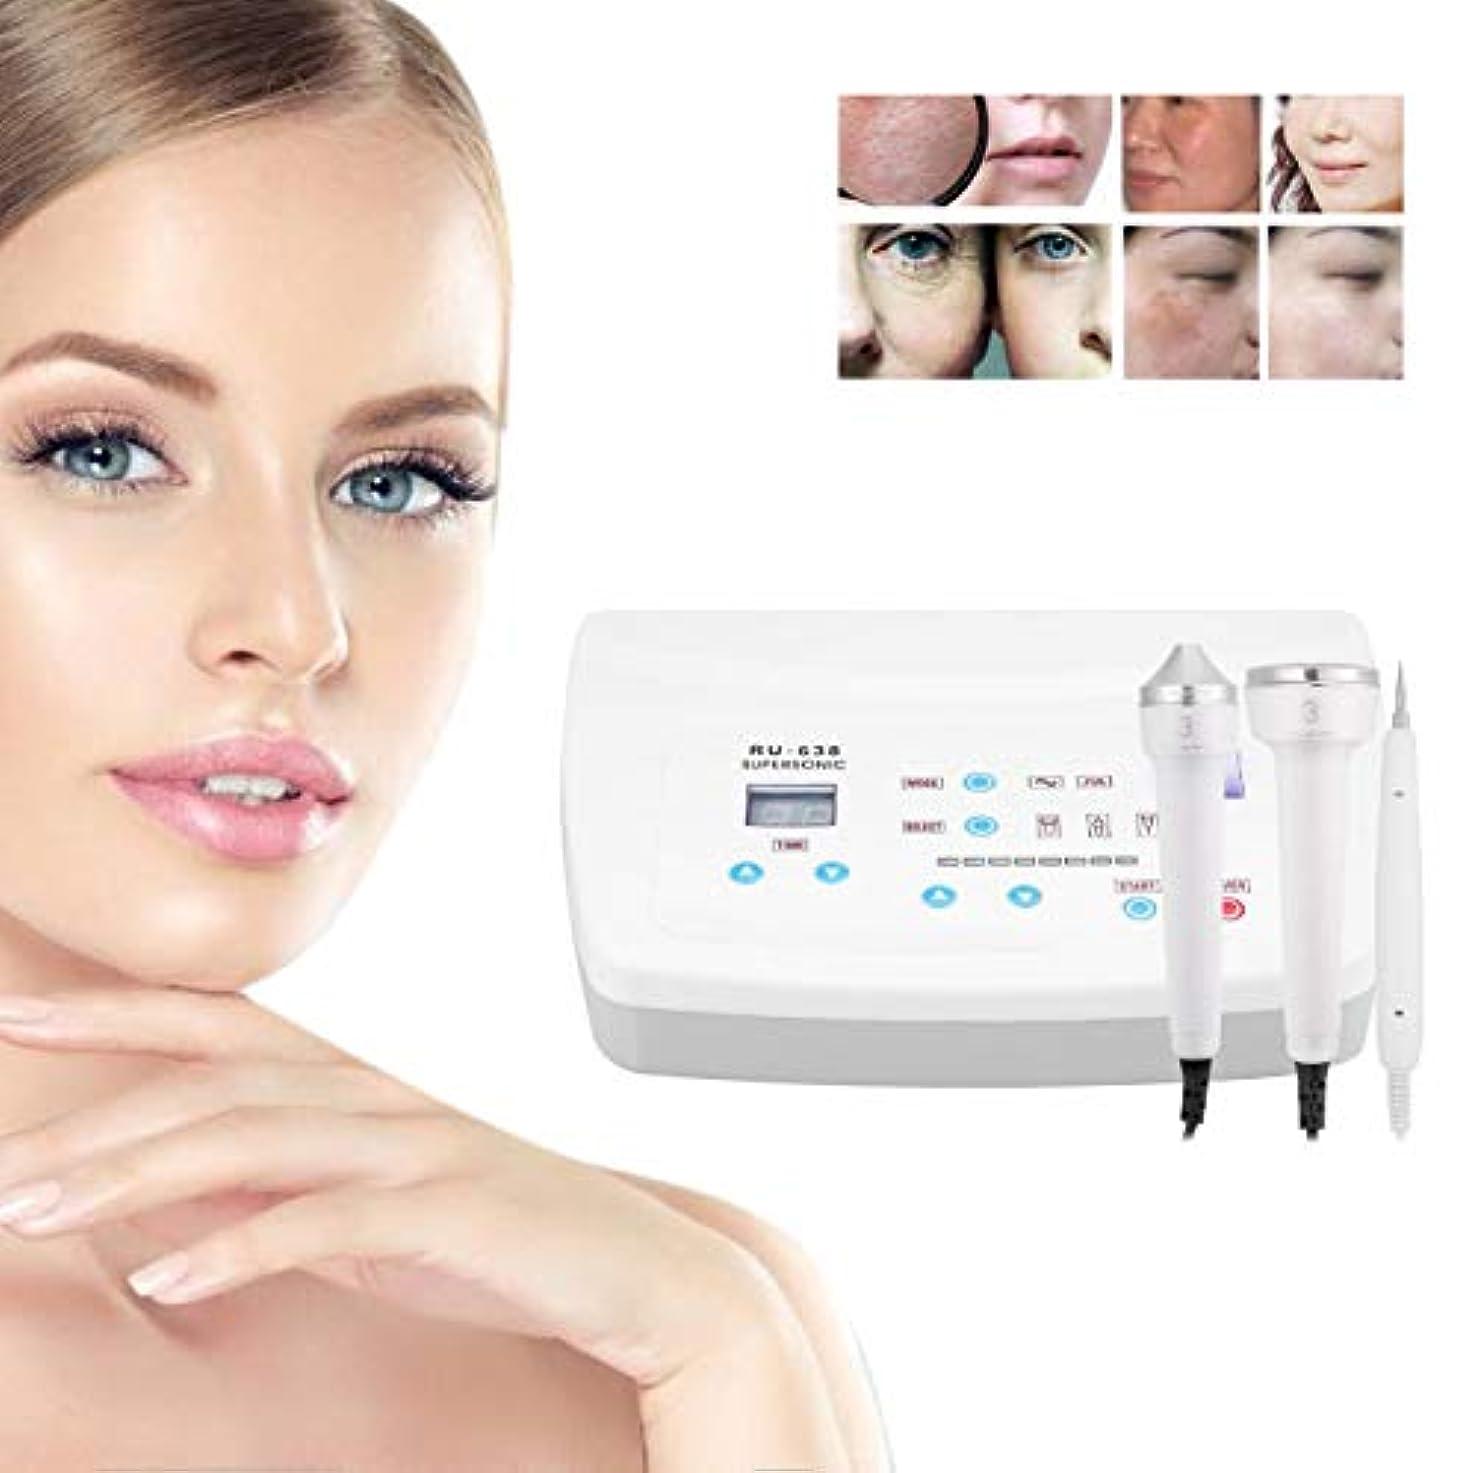 評判勝利血まみれ顔の皮の若返りの美機械、皮の清潔になるための美の器械および皮の有効な吸収を促進して下さい(US)